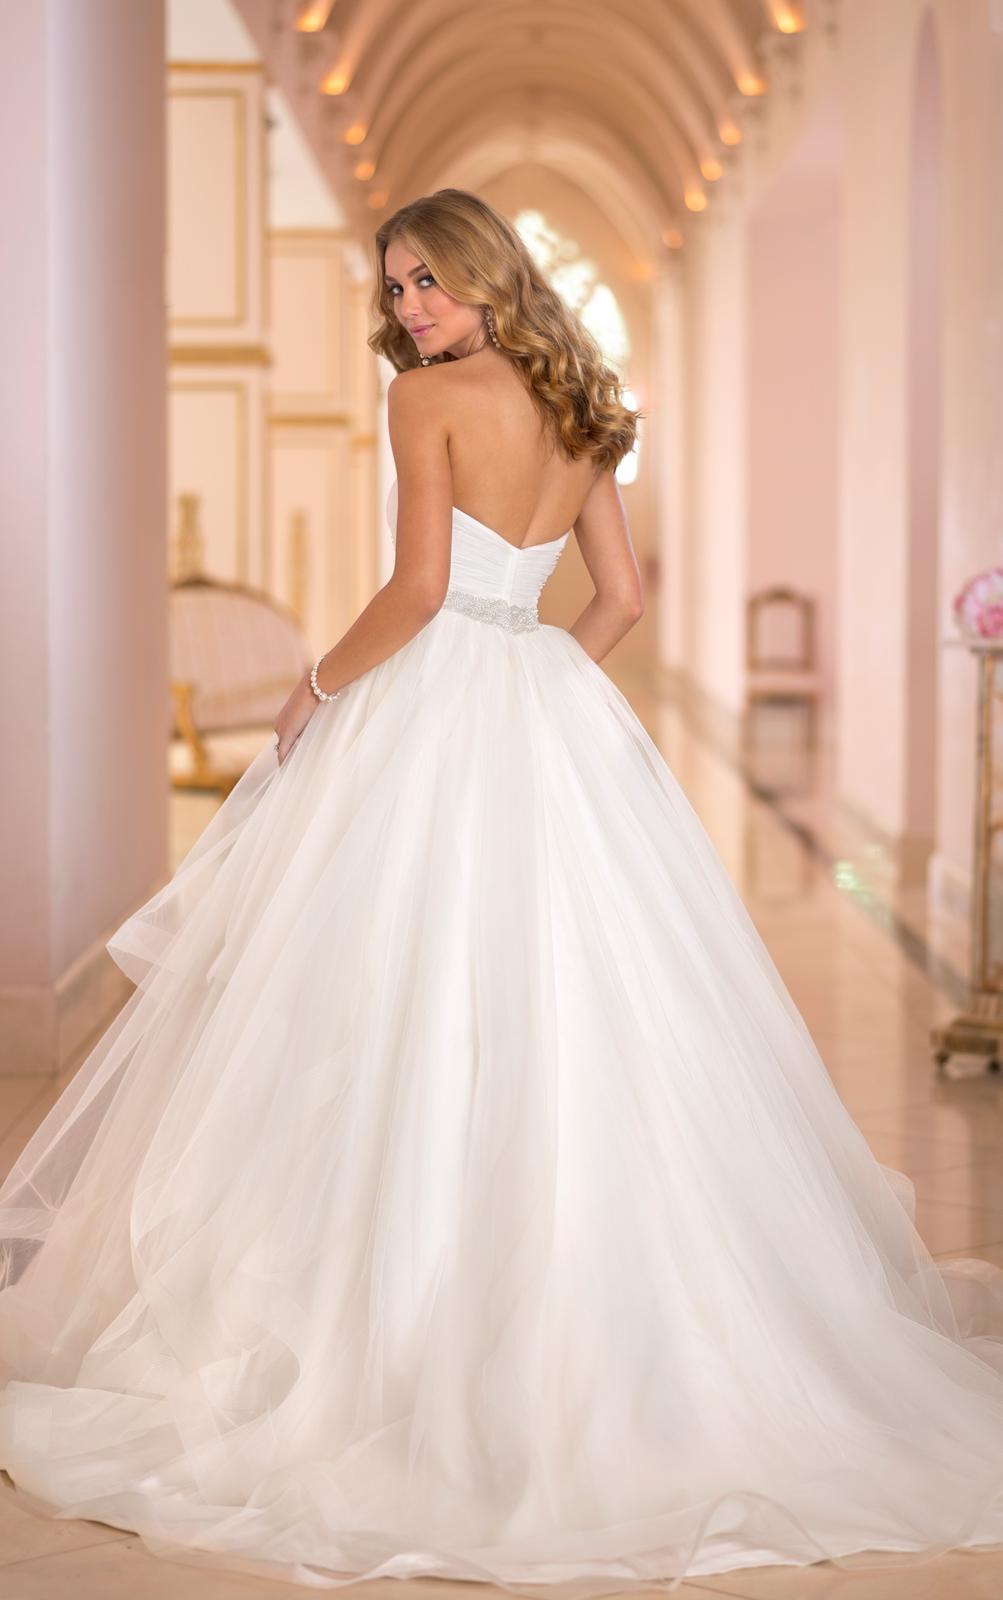 Svadobné šaty, čo sa mi páčia :) - Obrázok č. 74